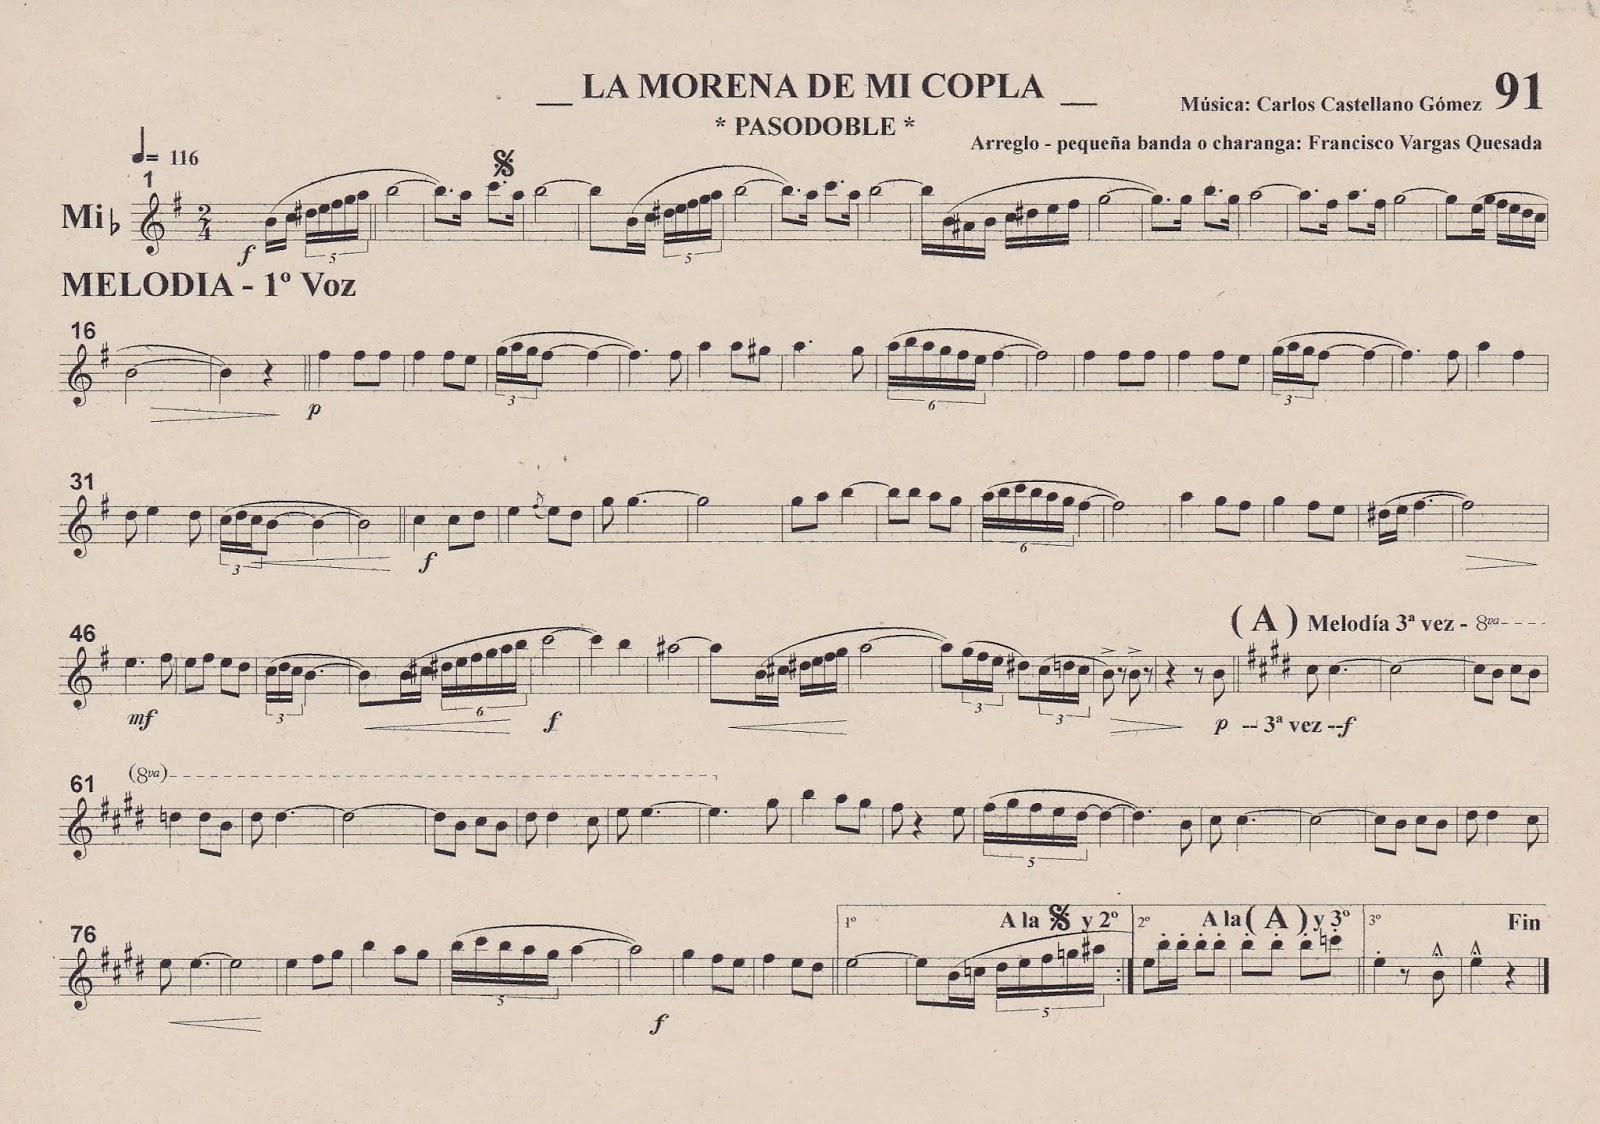 letra canciones flamencas: